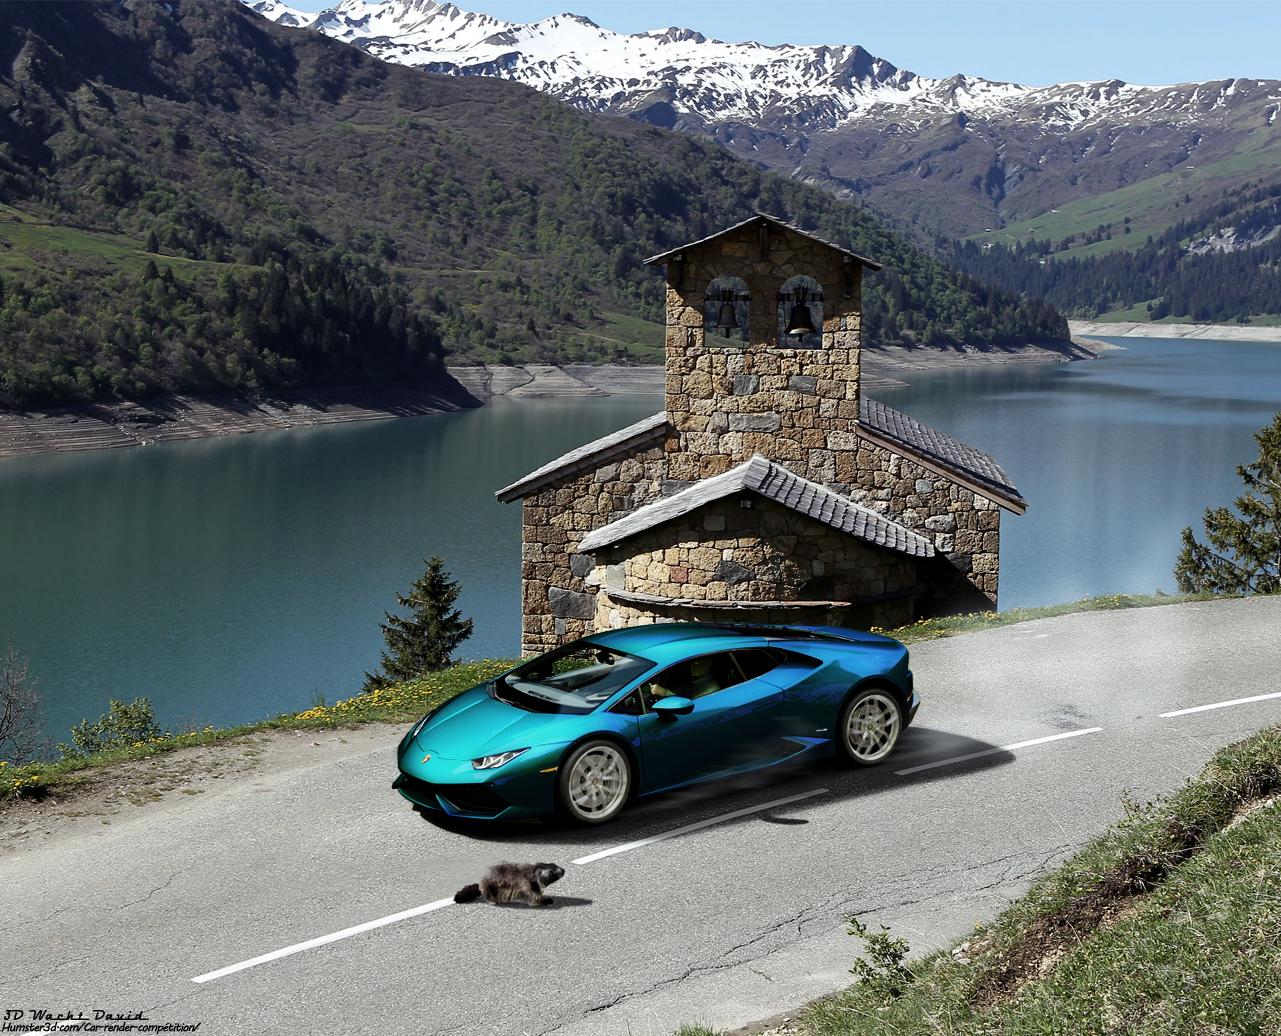 Enjoy the mountain roads 3d art